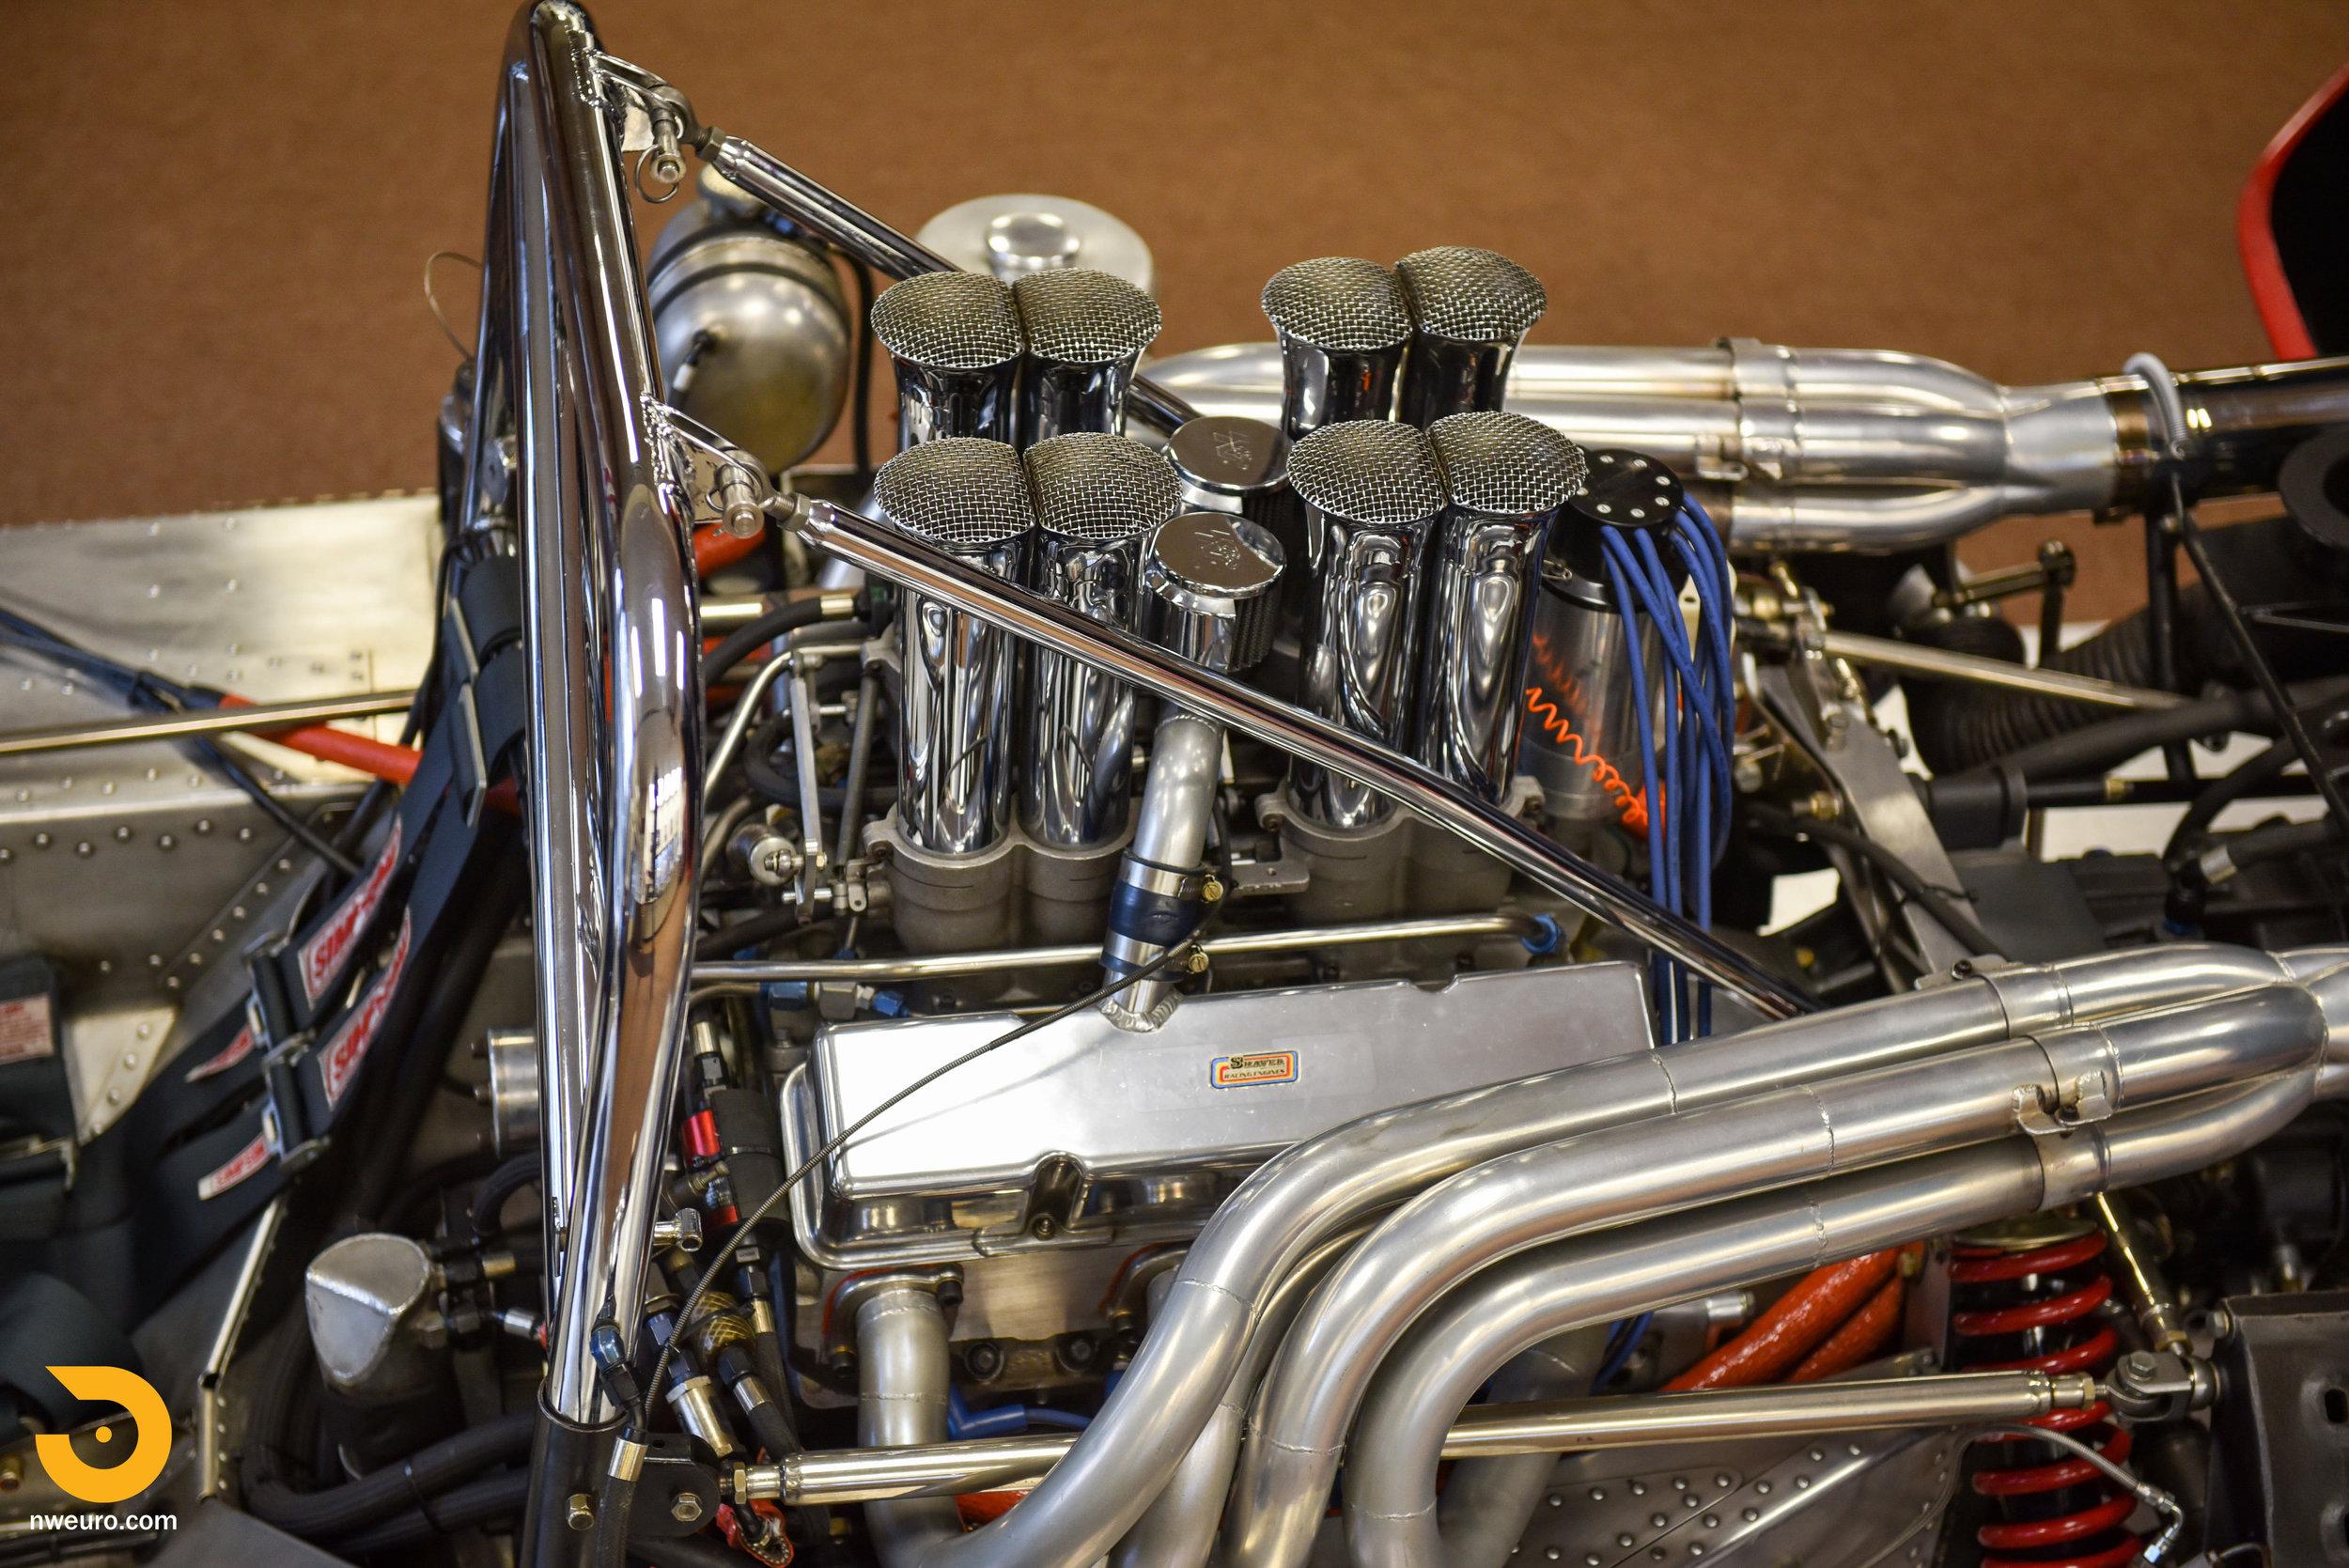 1969 Lola T162 Can-Am Race Car-2.jpg